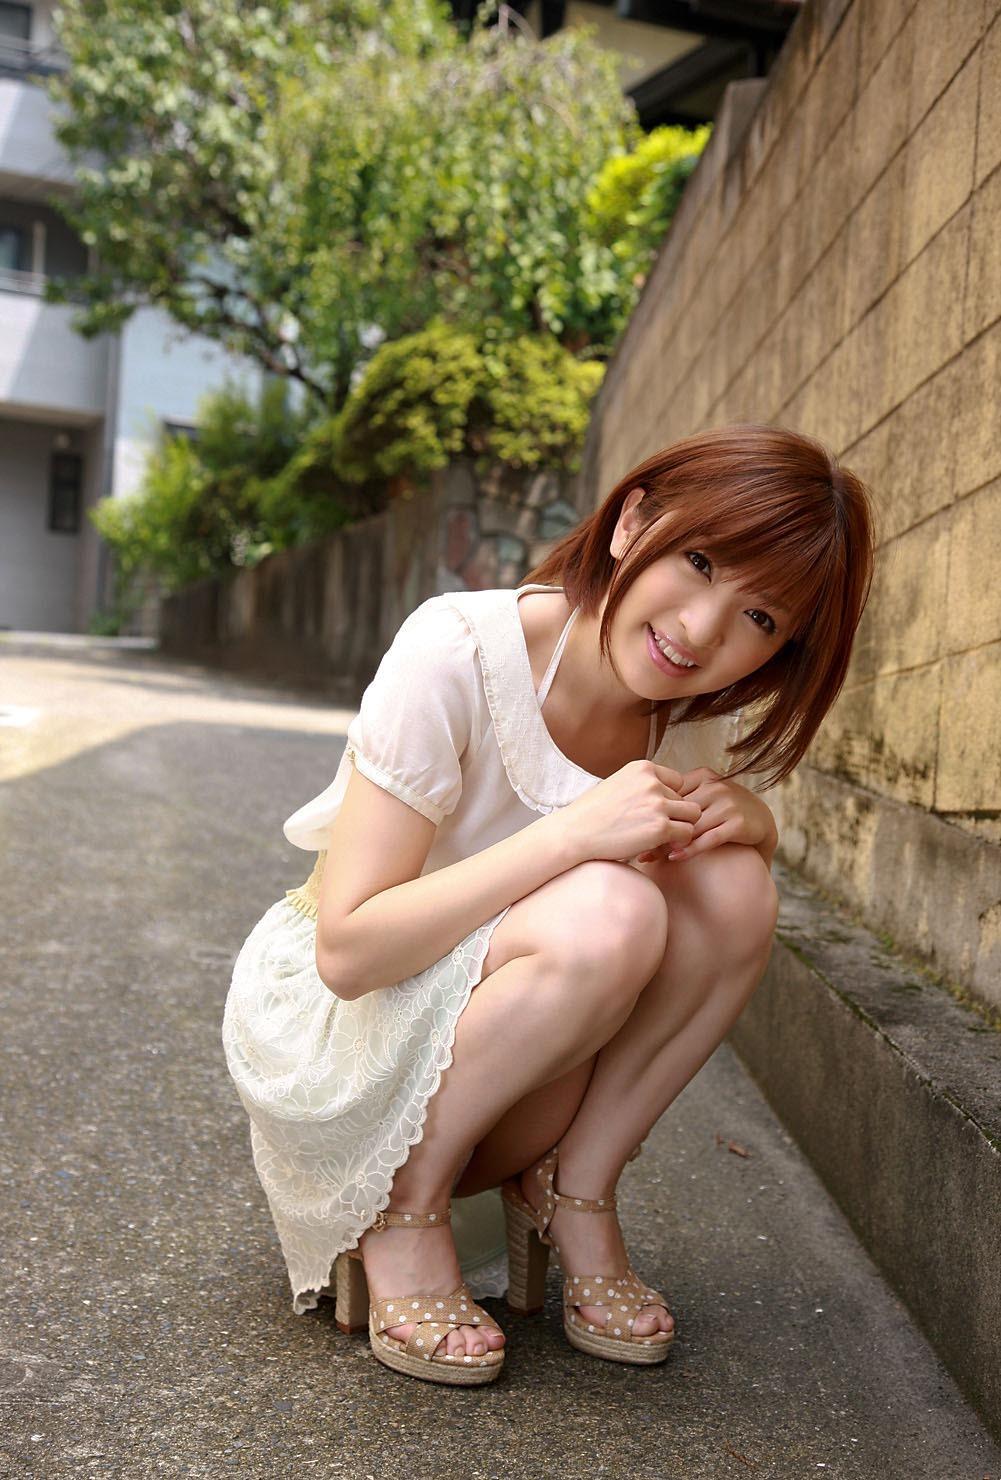 田中涼子 画像 2